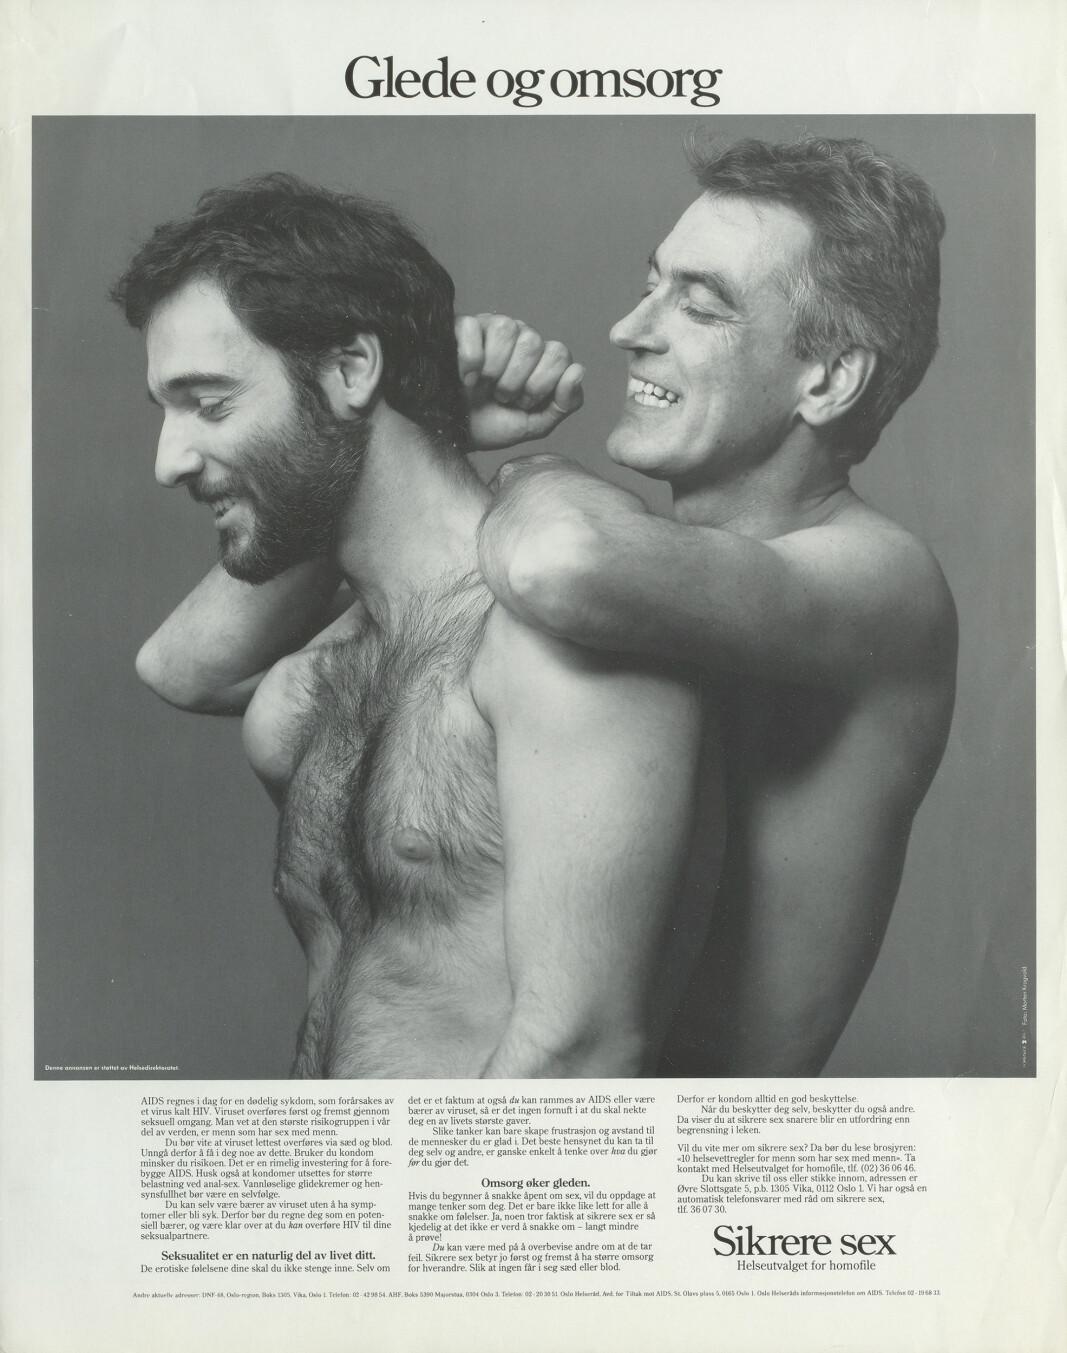 Plakatene løfter frem verdier som står i kontrast til forestillinger om overfladiske og følelsesløse homoseksuelle relasjoner.